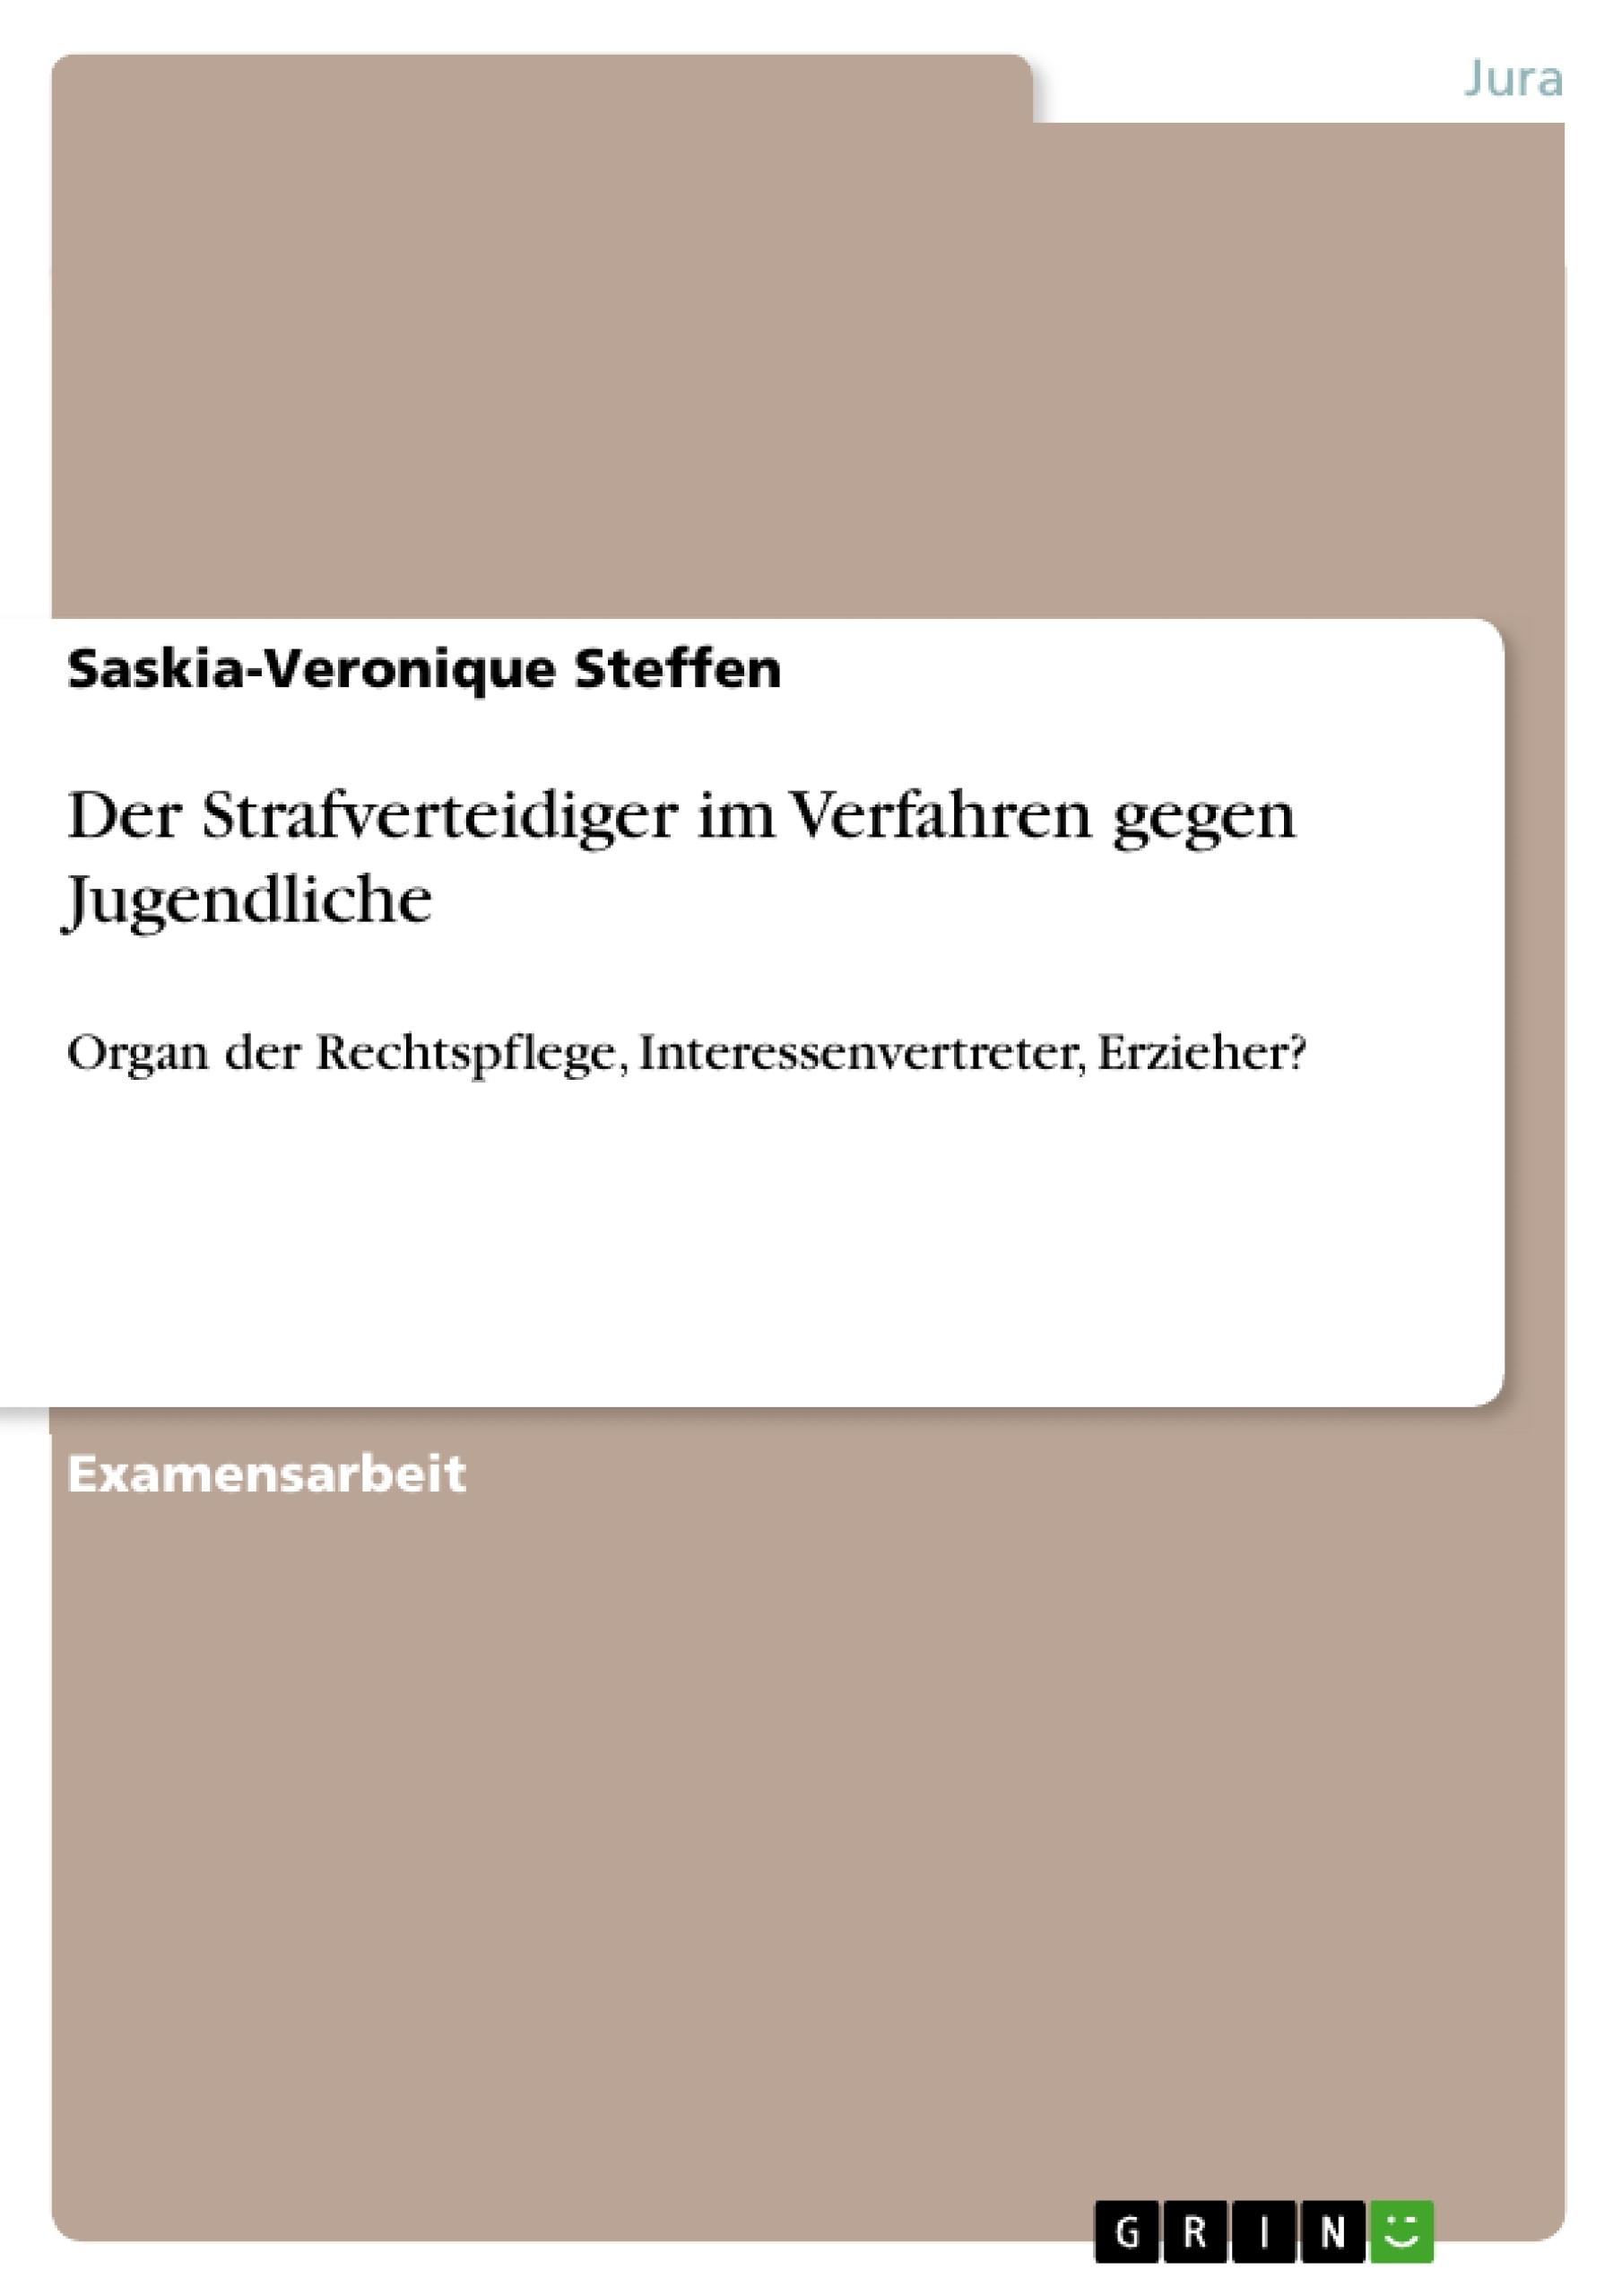 Titel: Der Strafverteidiger im Verfahren gegen Jugendliche